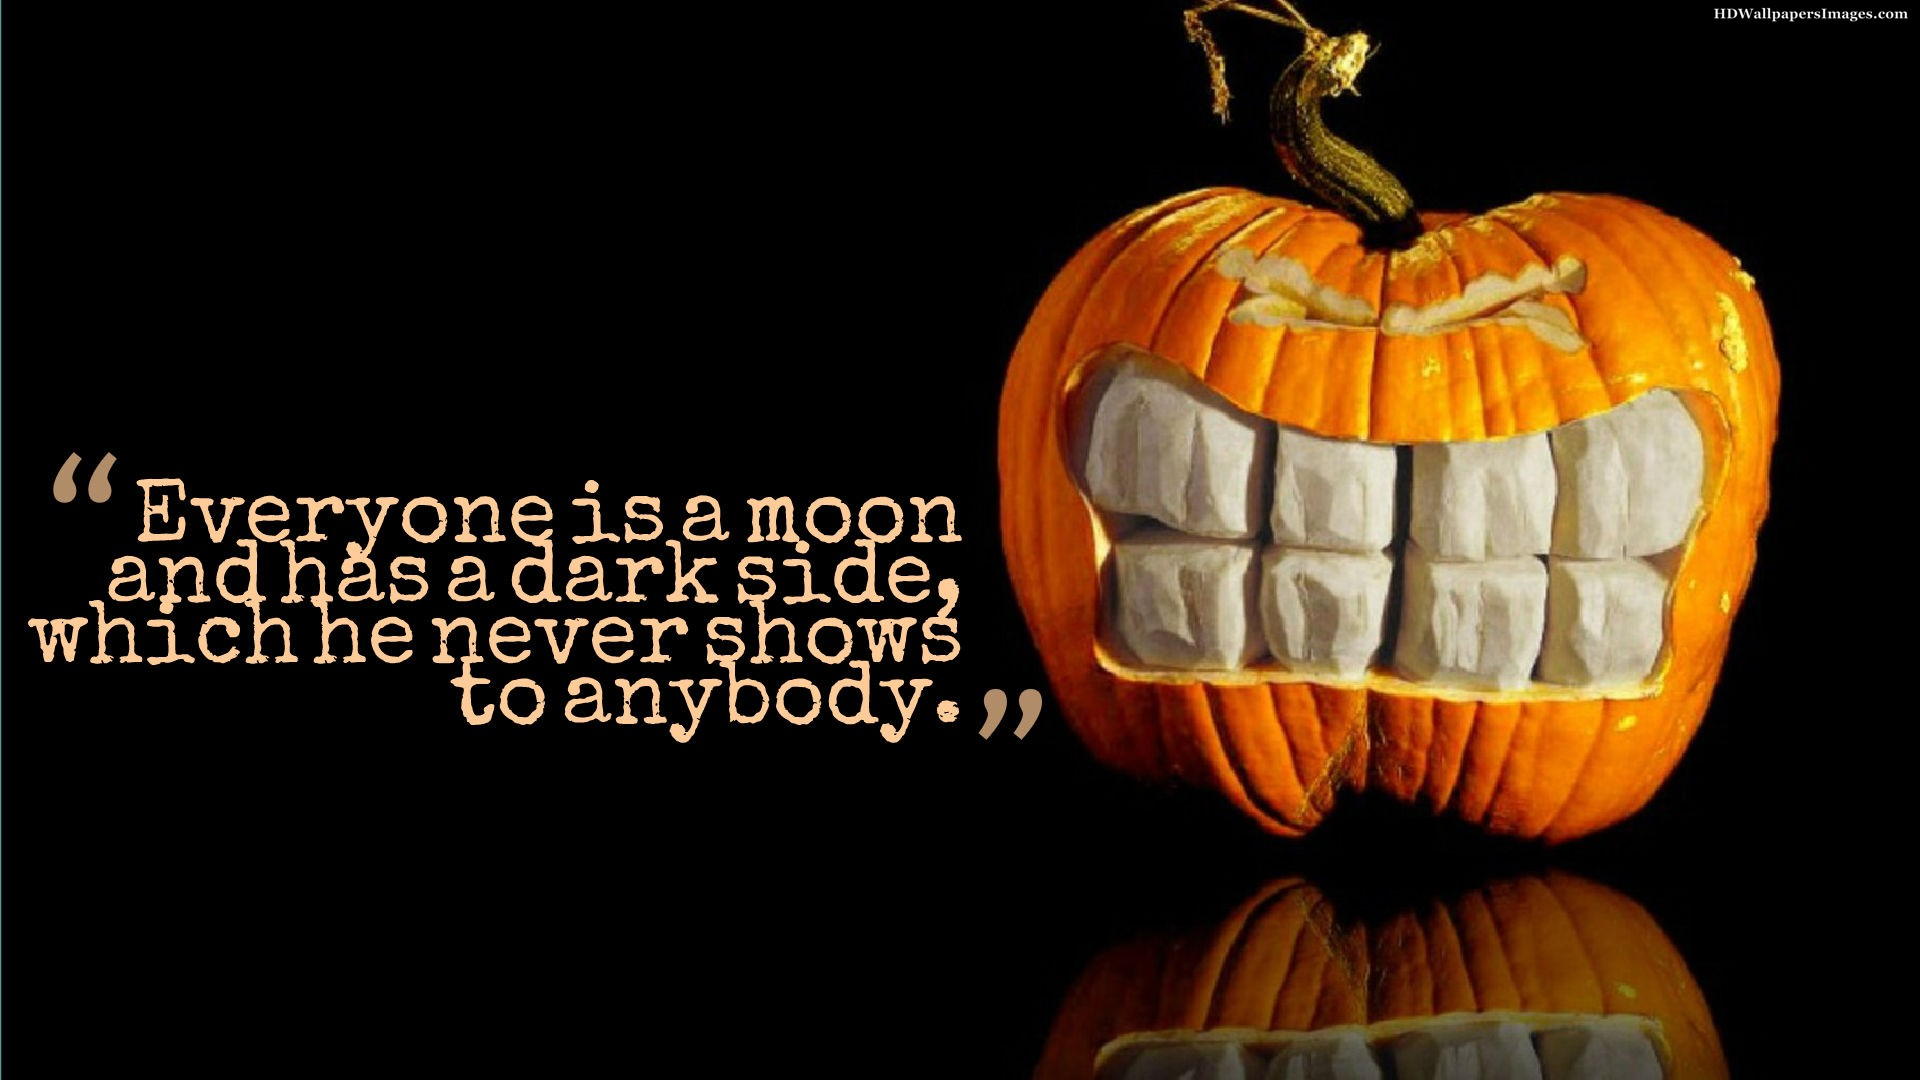 Pumpkin Quotes. QuotesGram